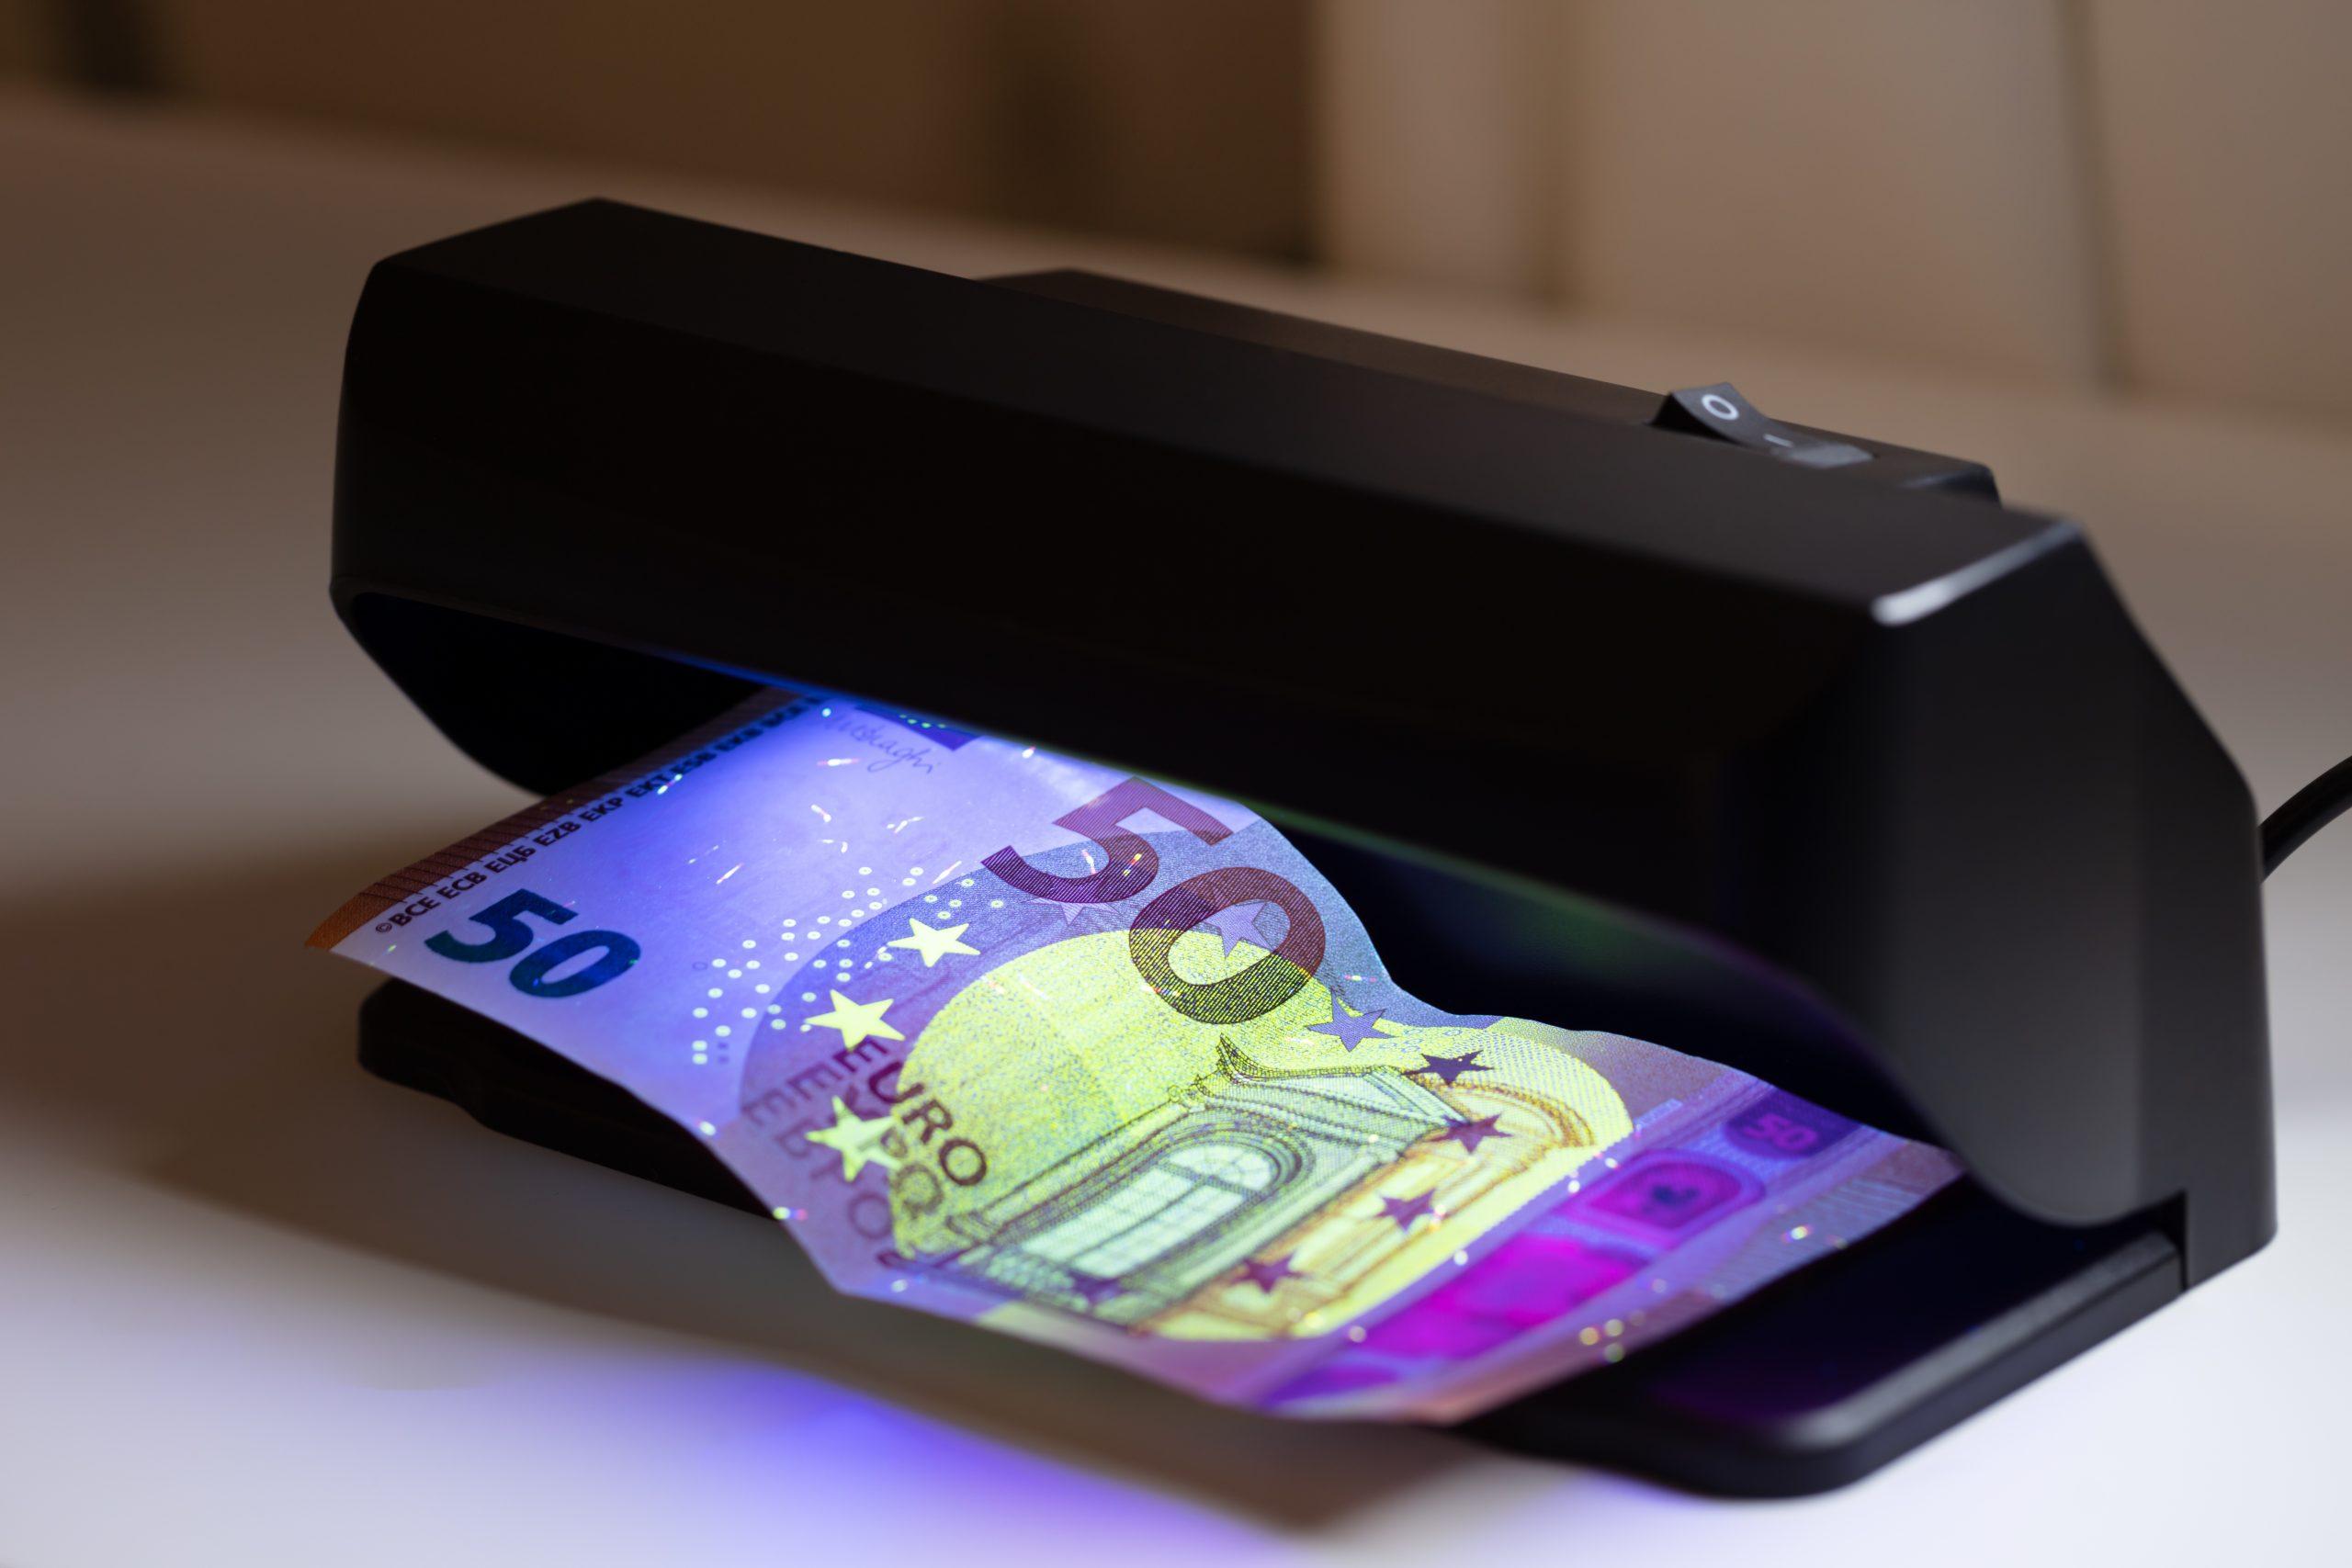 Detectores de billetes falsos: ¿Cuáles son los mejores del 2020?